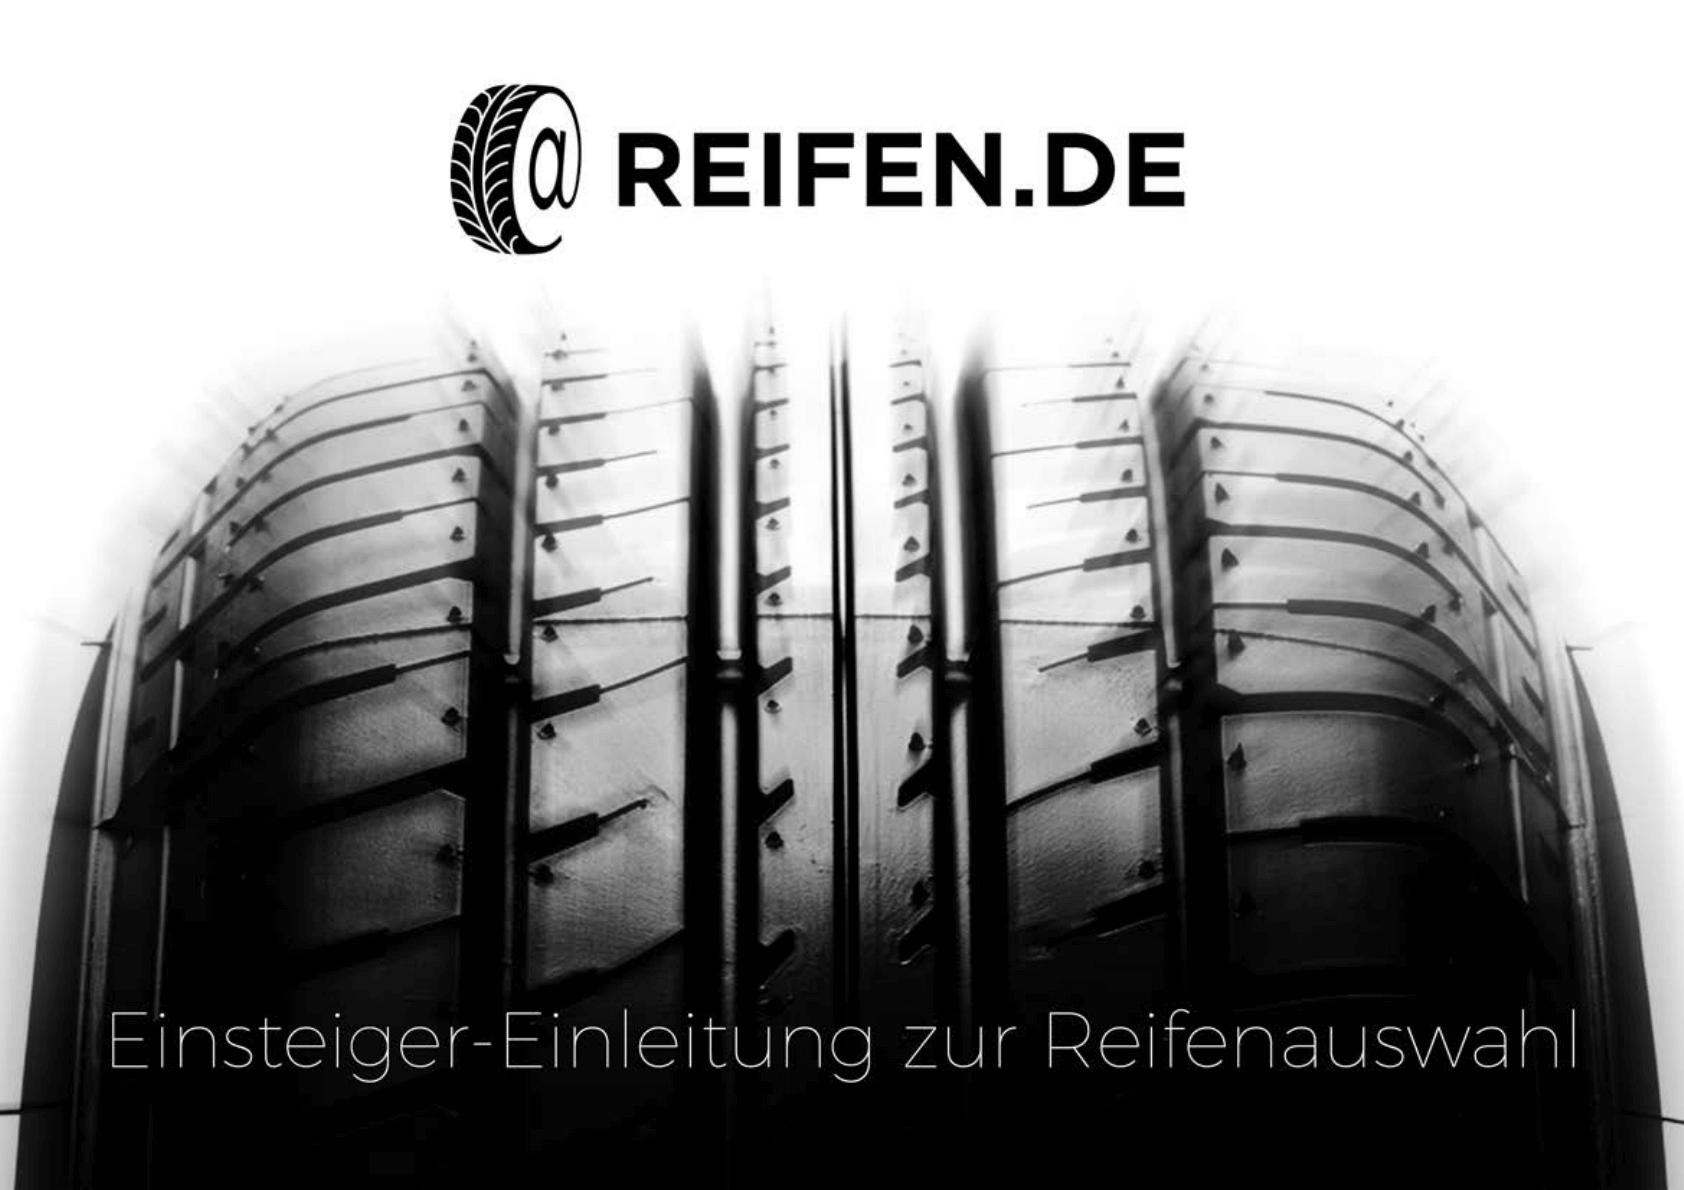 Einsteiger-Einleitung zur Reifenauswahl